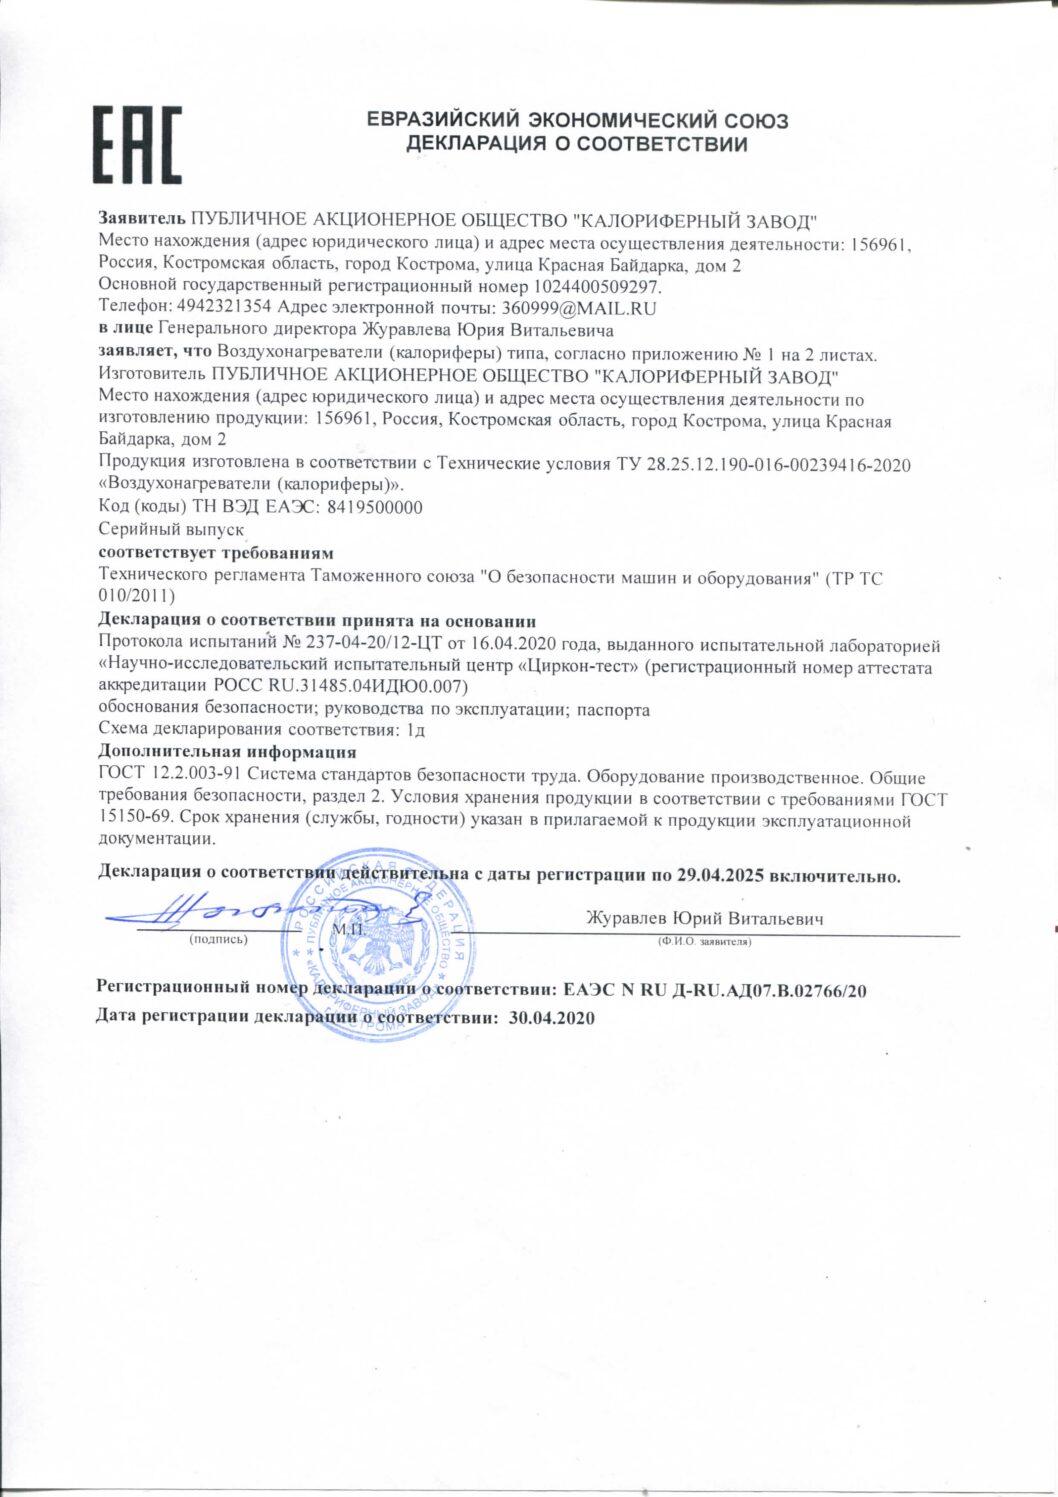 Декларация соотвествия Воздухонагеватели (калориферы)